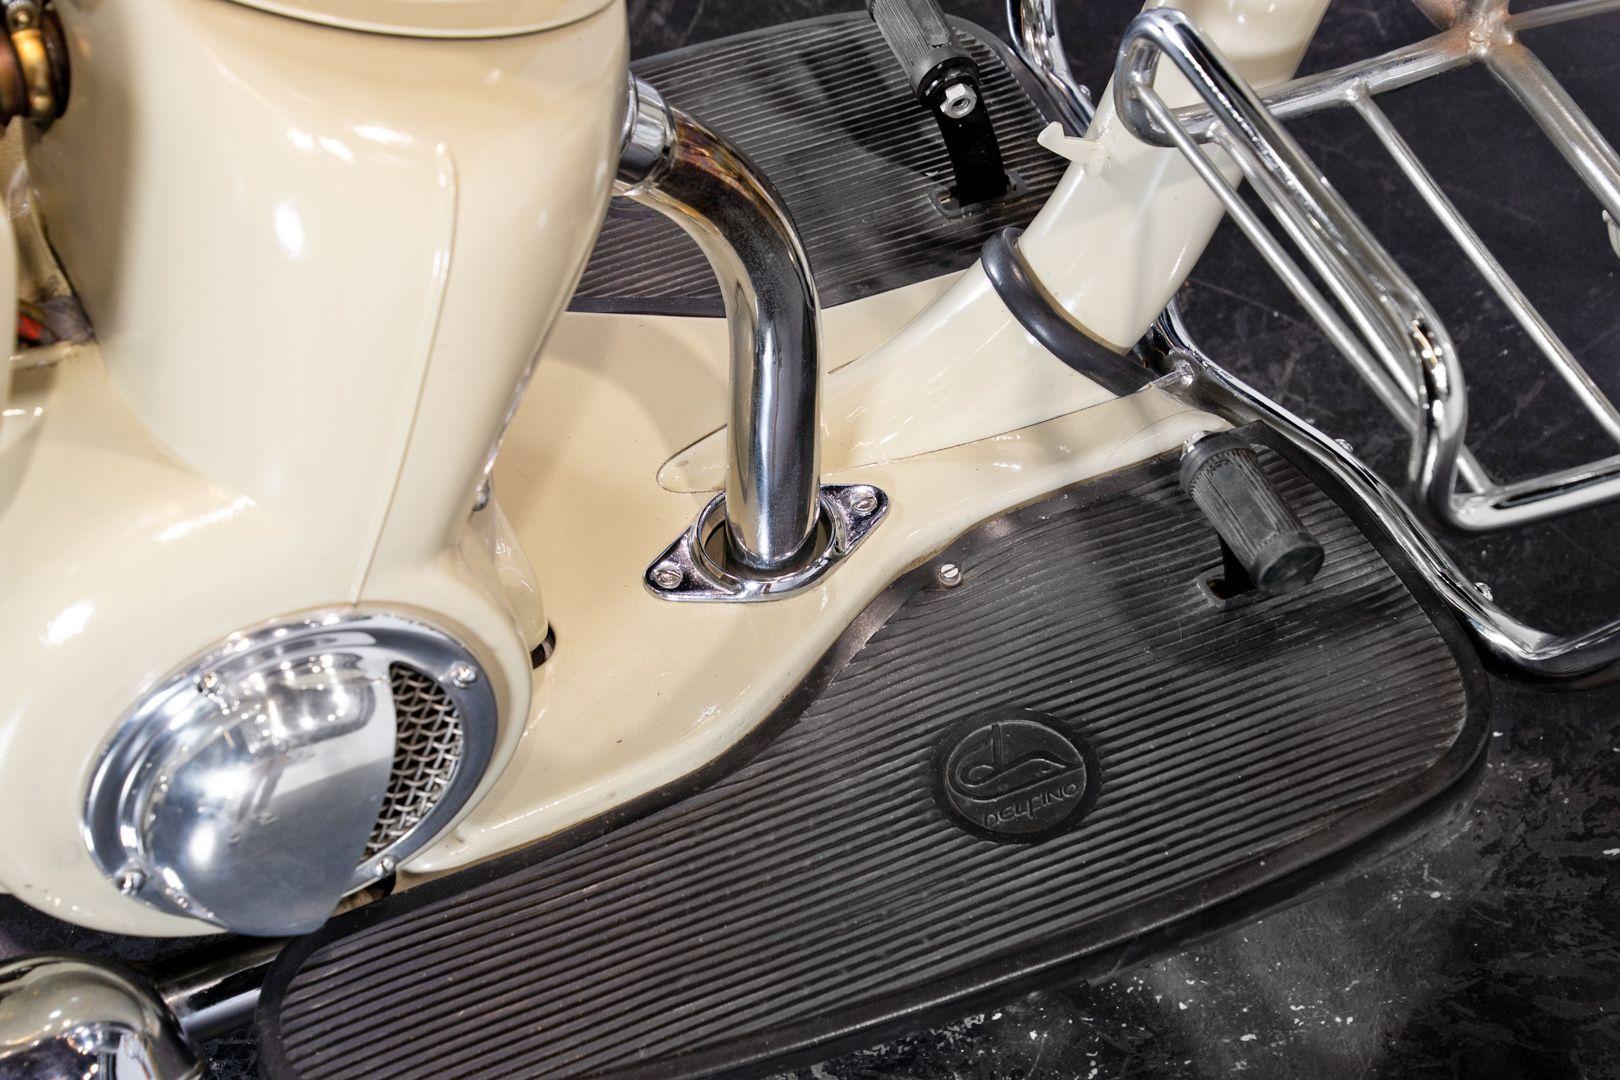 1954 Motom Delfino 160 37803